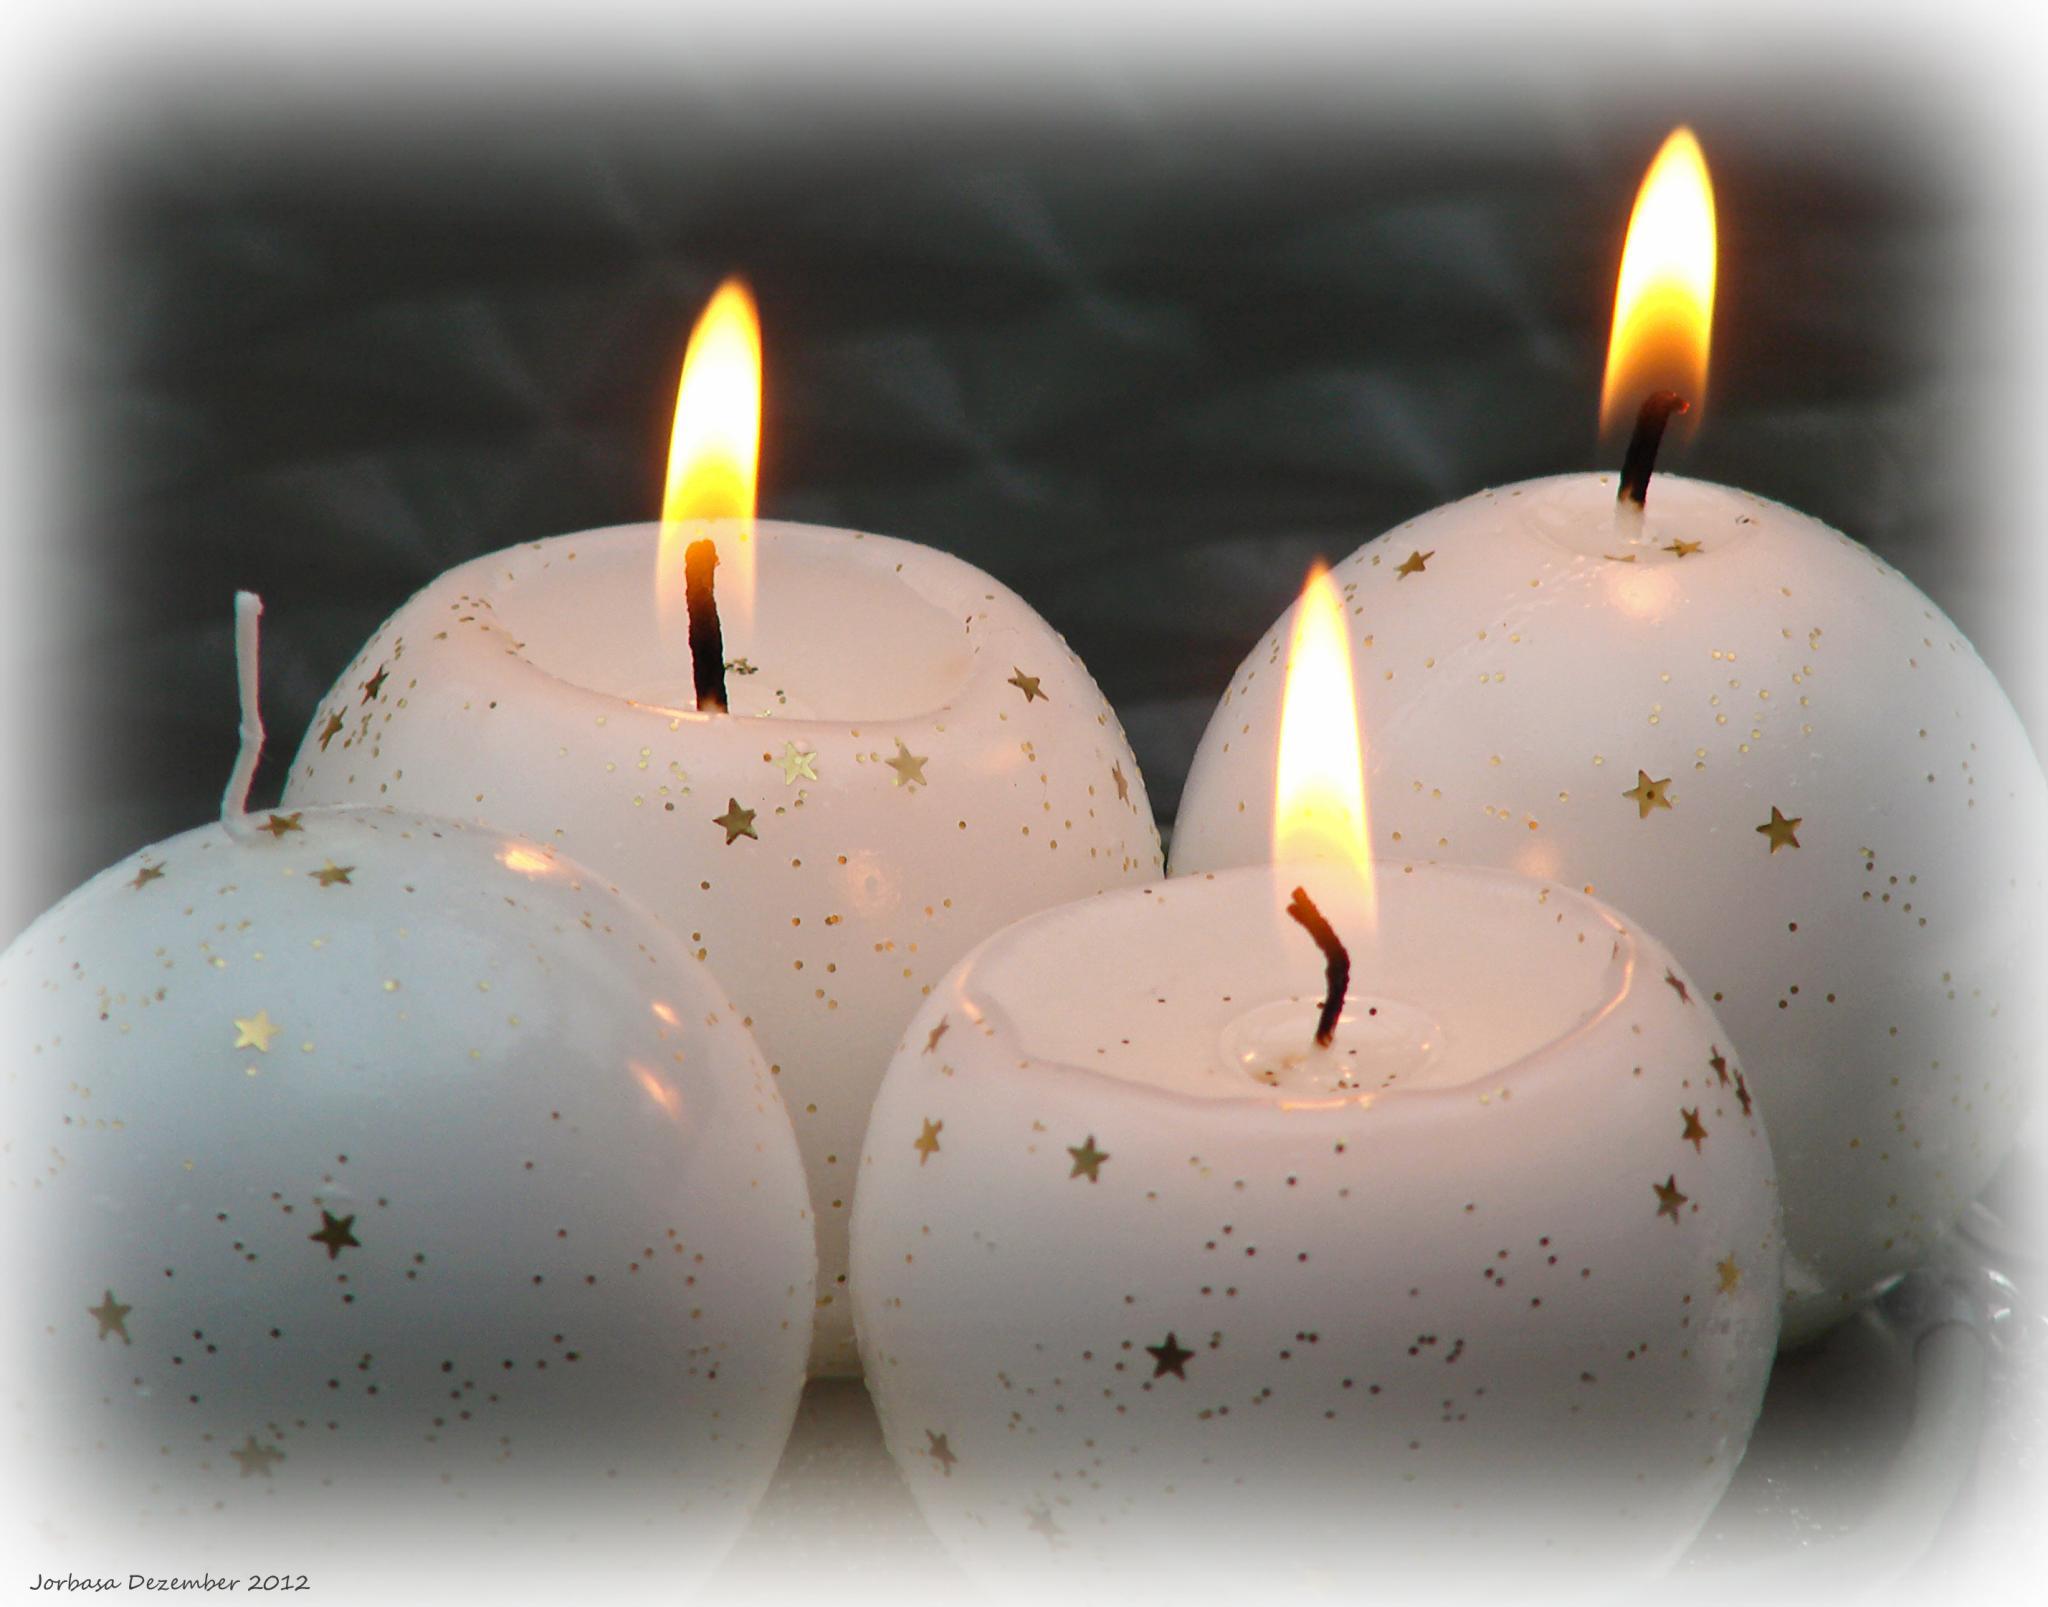 3. Advent 2012